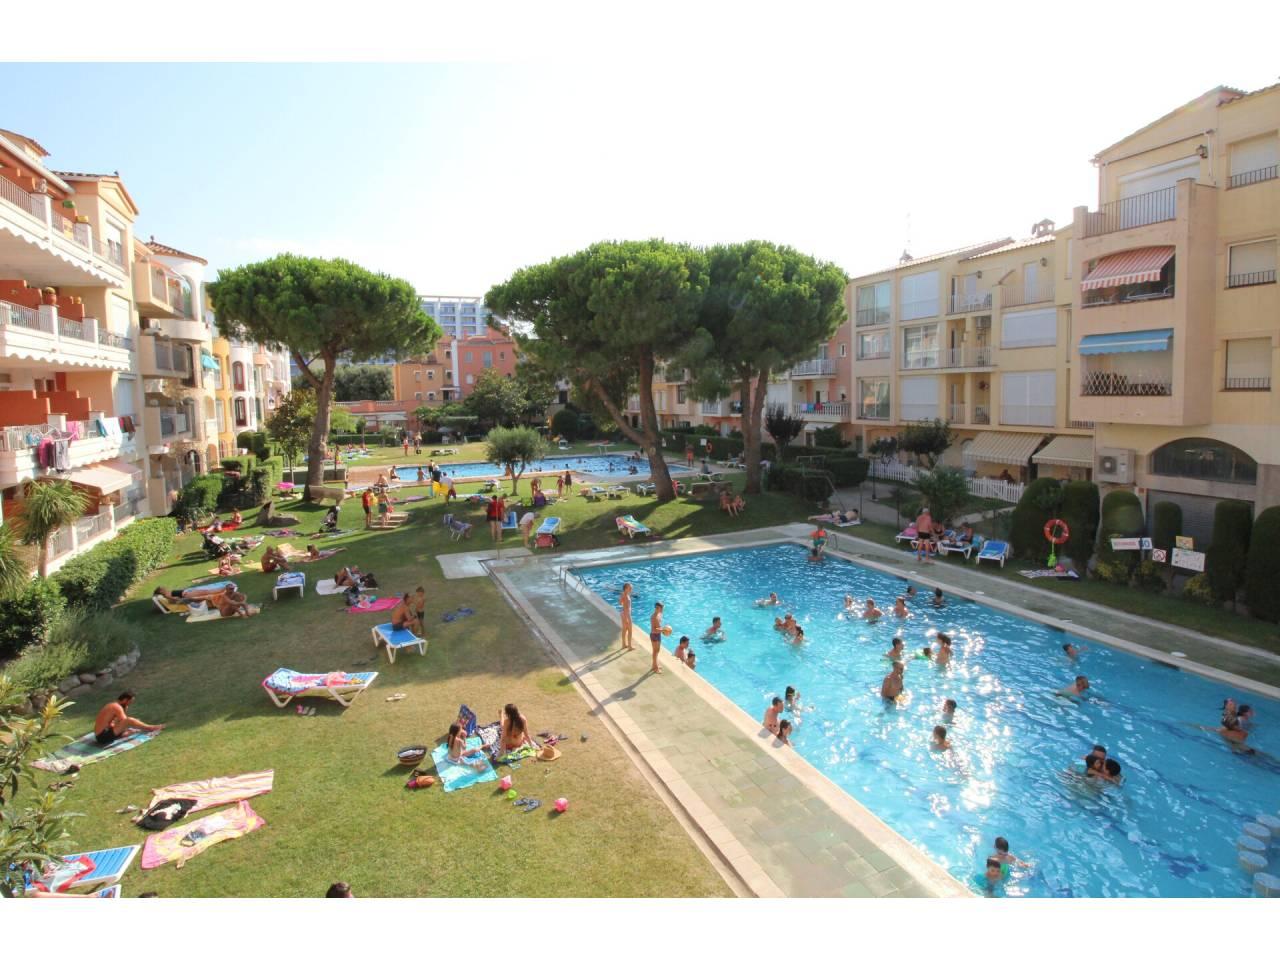 061544 - MIMOSES Appartement en construction avec jardins communaux et piscines